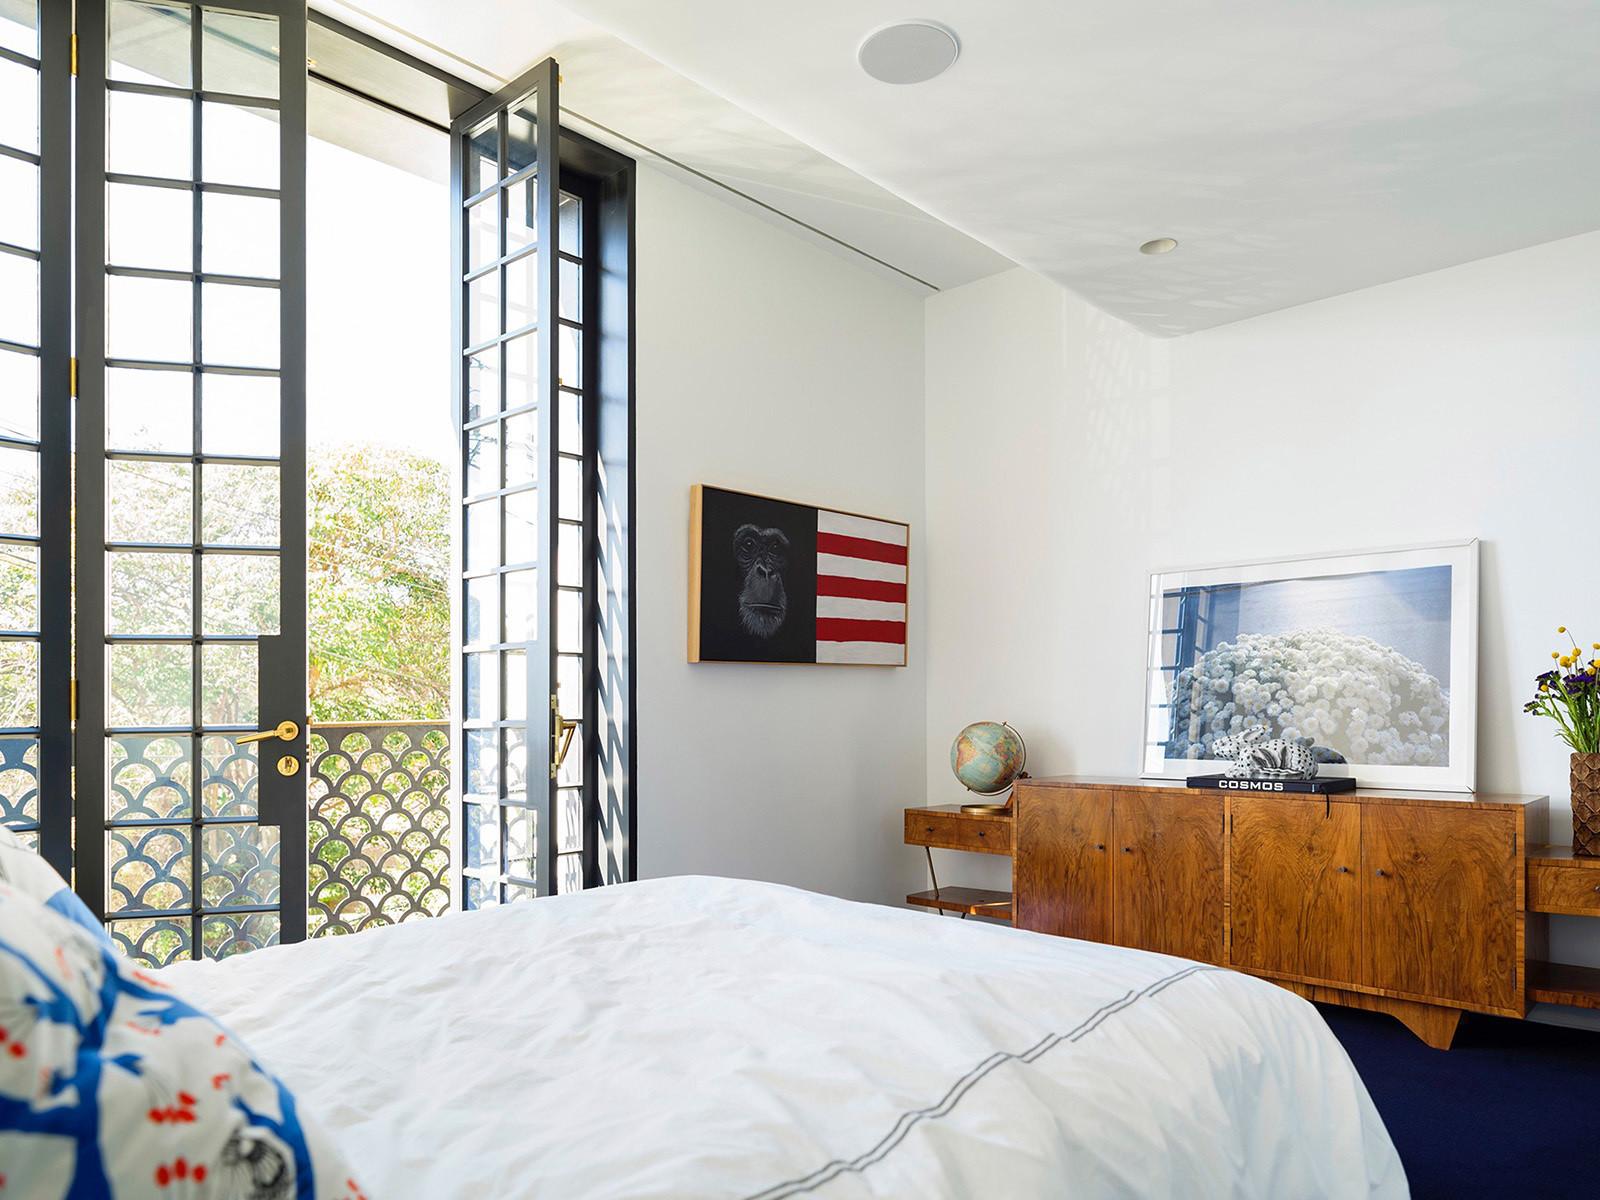 Дизайн и интерьер таунхауса в Сиднее